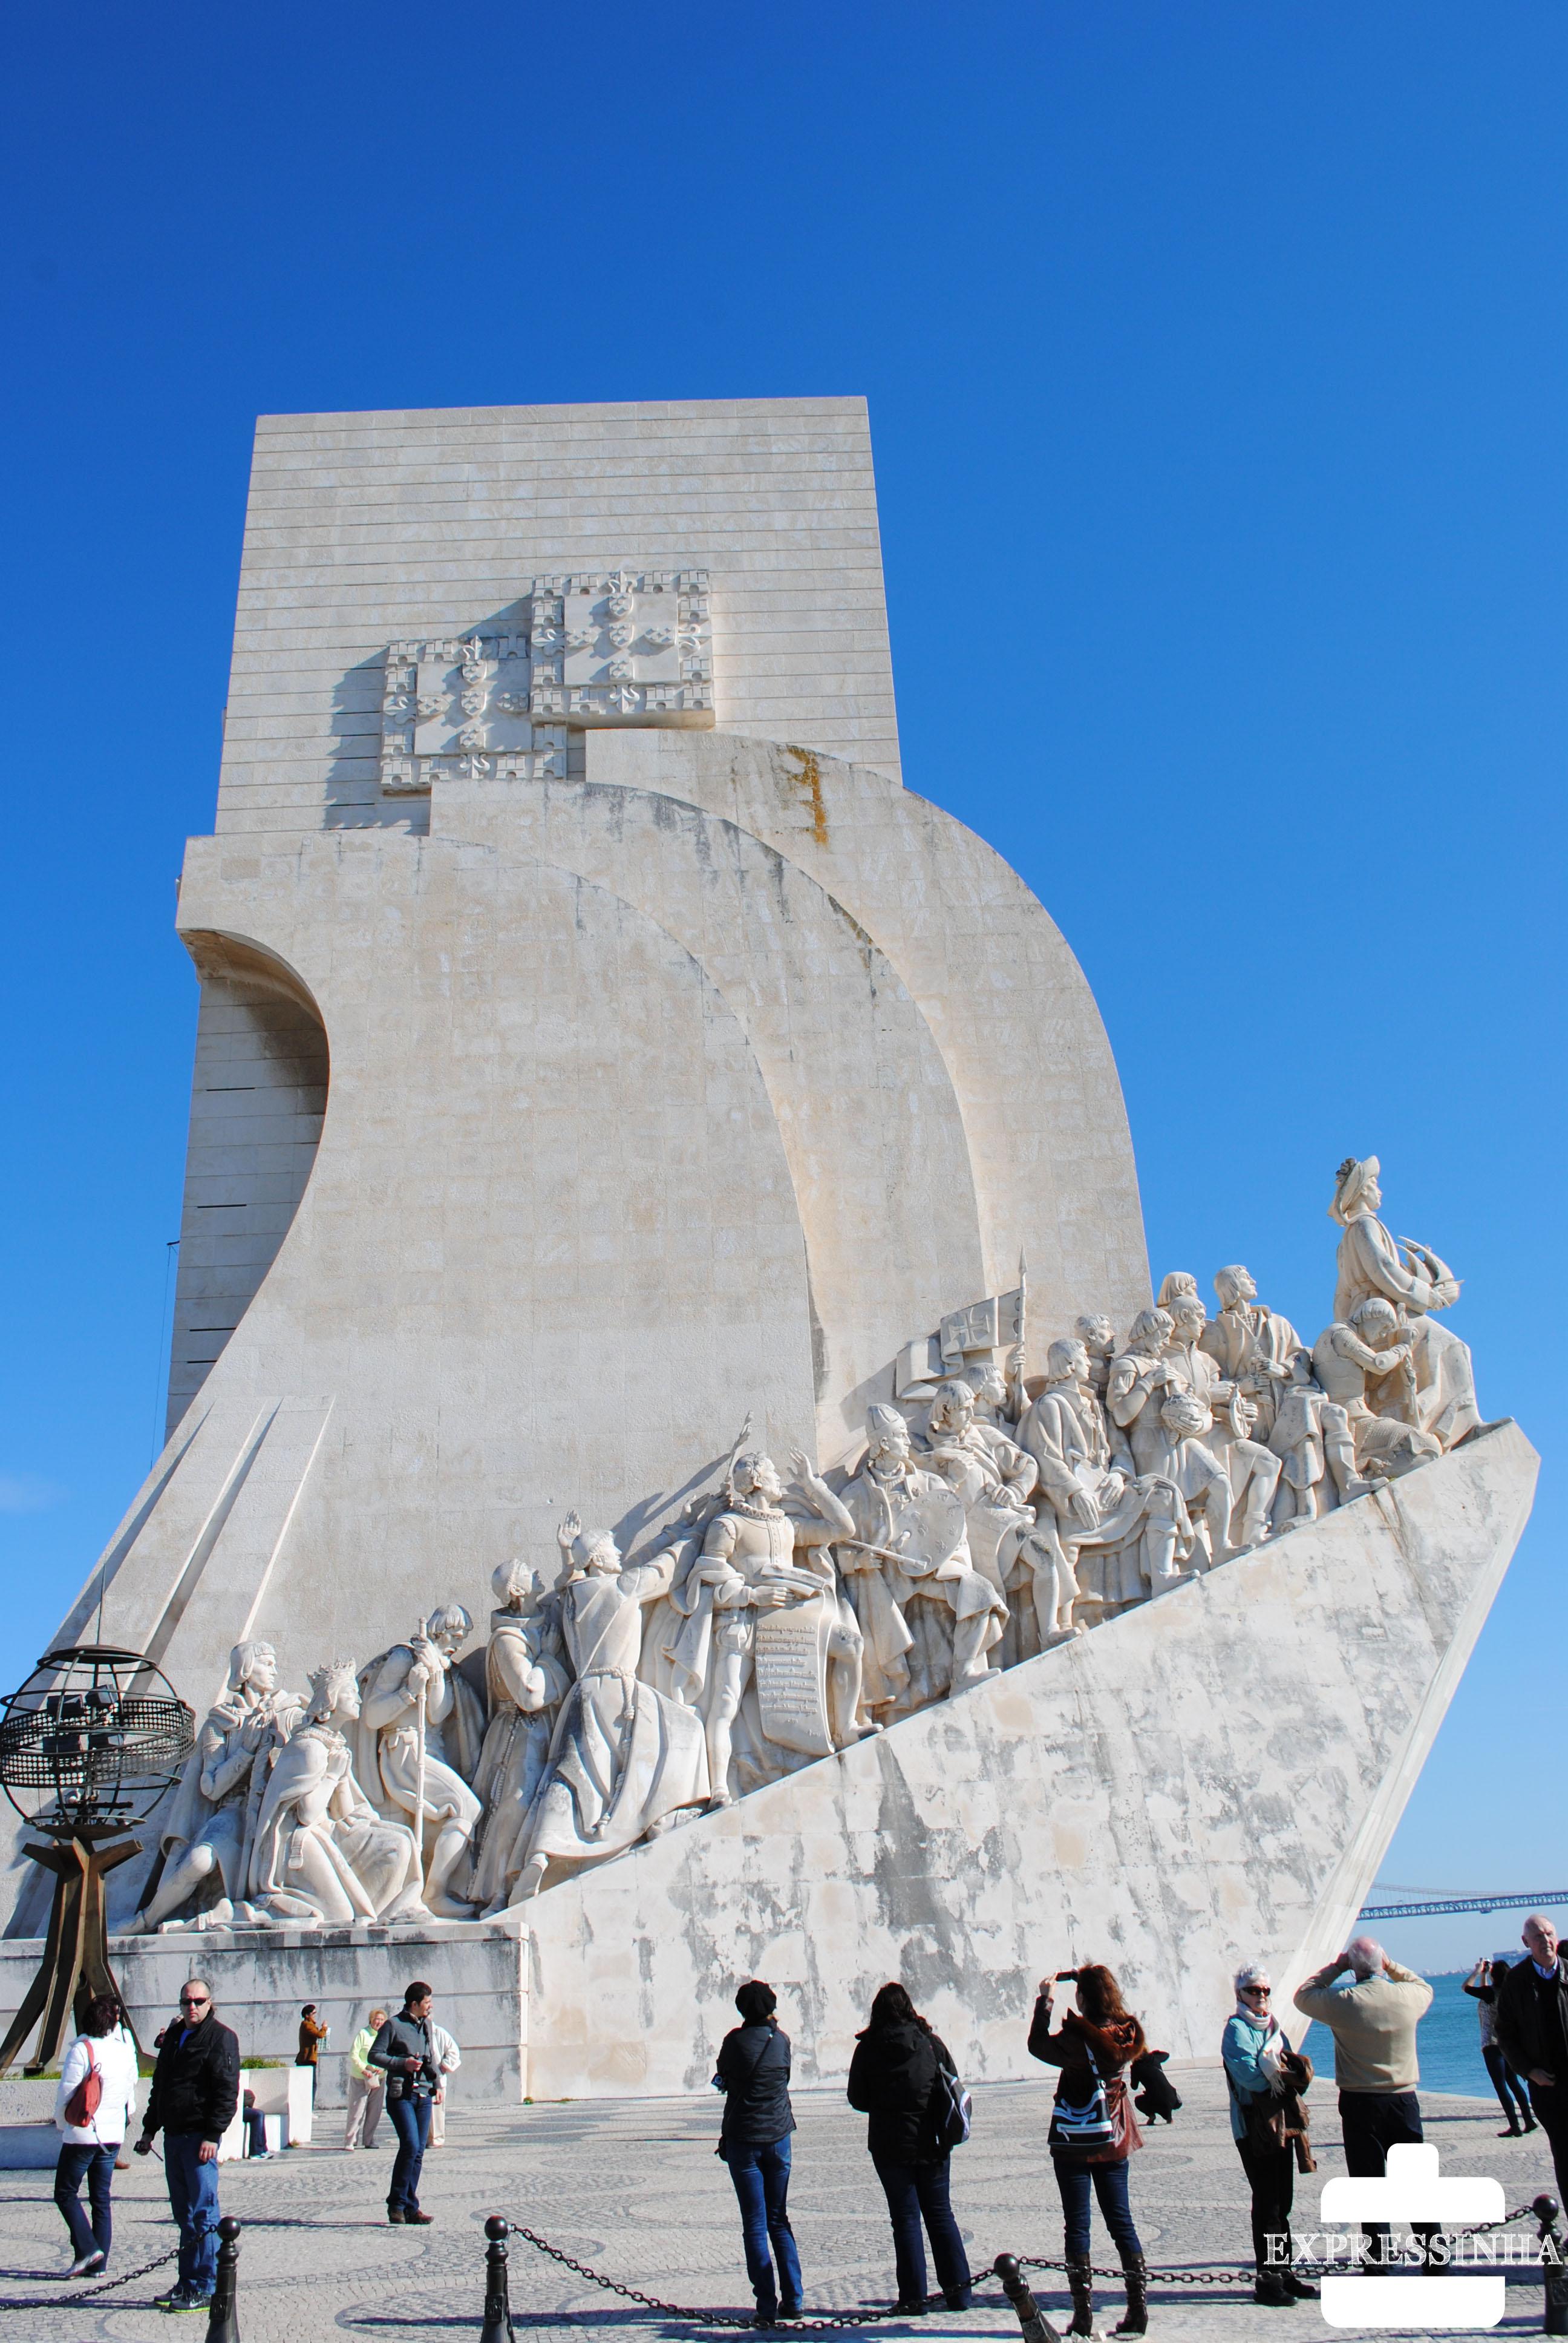 Lisboa, Padrão dos Descobrimentos, Belém